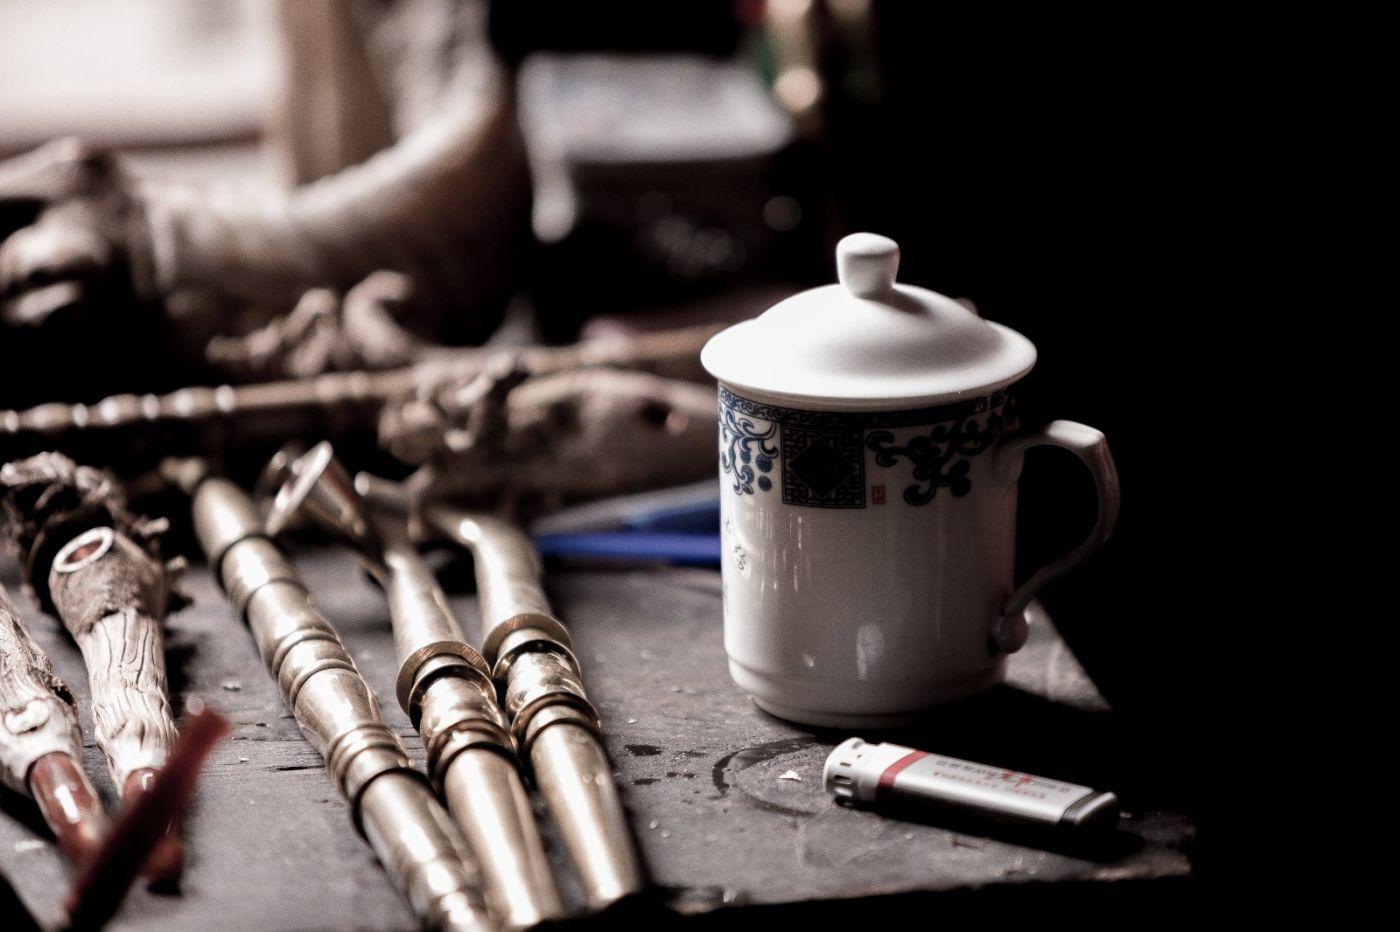 泡在成都老茶馆 感受销魂时刻 喝大茶 掏耳朵 拍美女 生活真美好 ..._图1-11